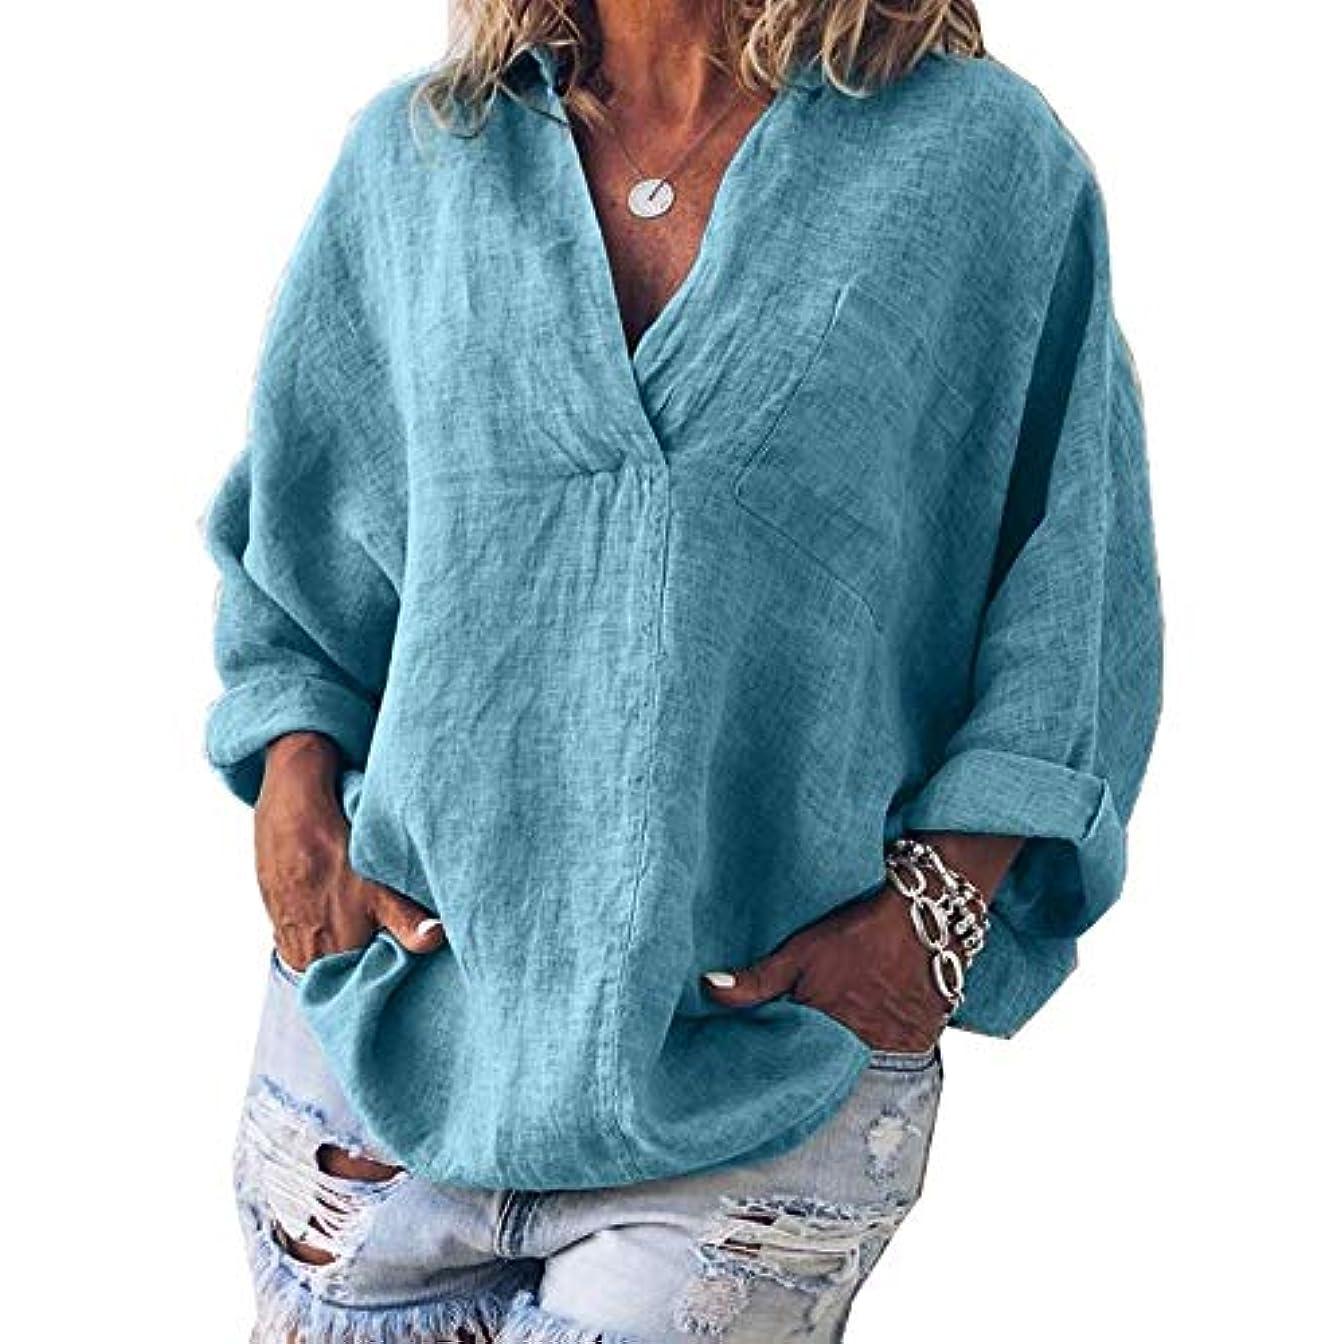 摘む理論宣伝MIFAN女性ファッション春夏チュニックトップス深いVネックTシャツ長袖プルオーバールーズリネンブラウス